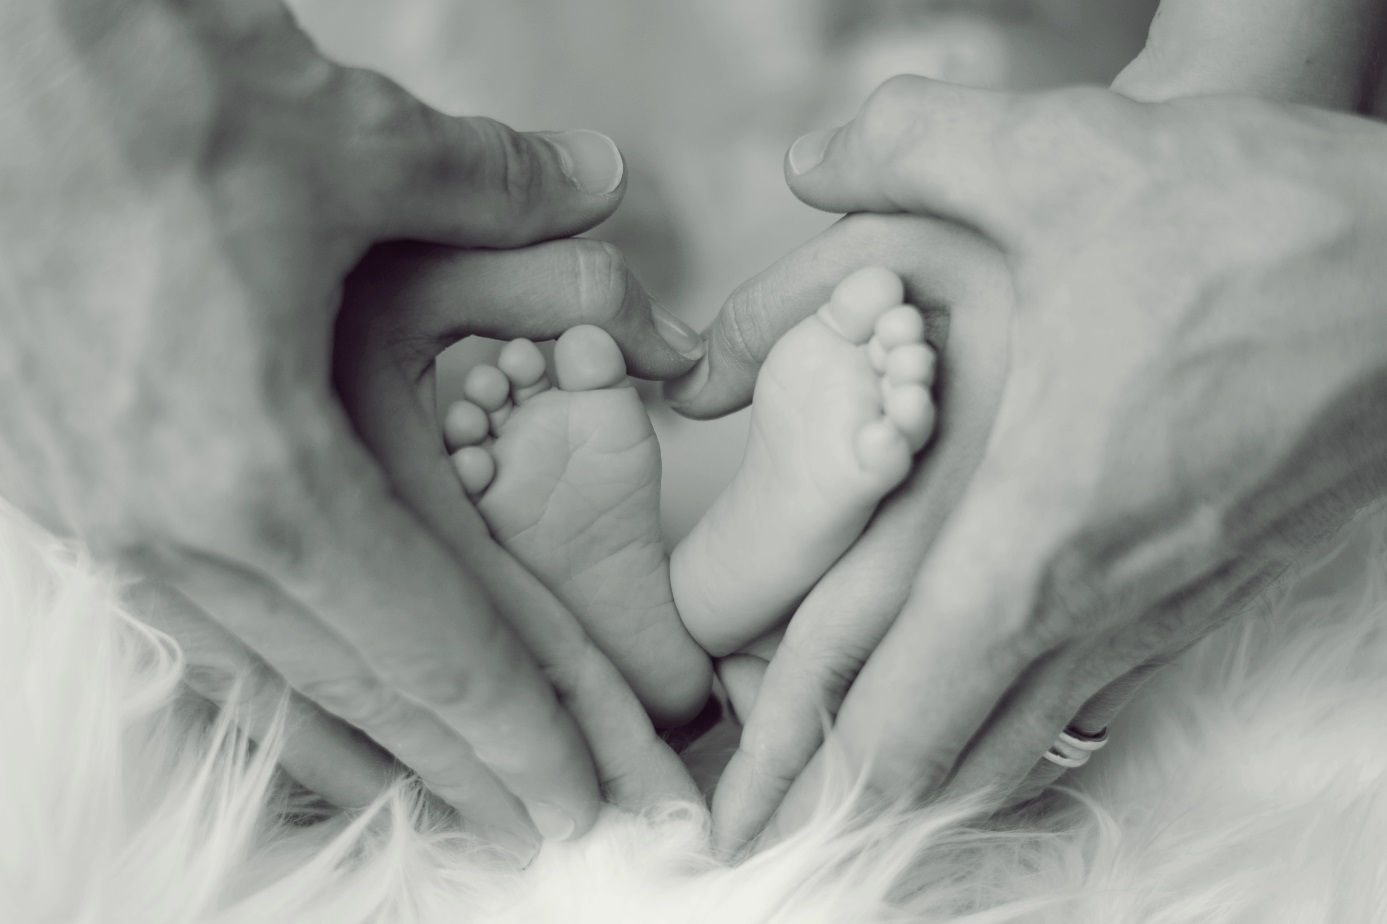 Babyfüße mit den Händen der Eltern.